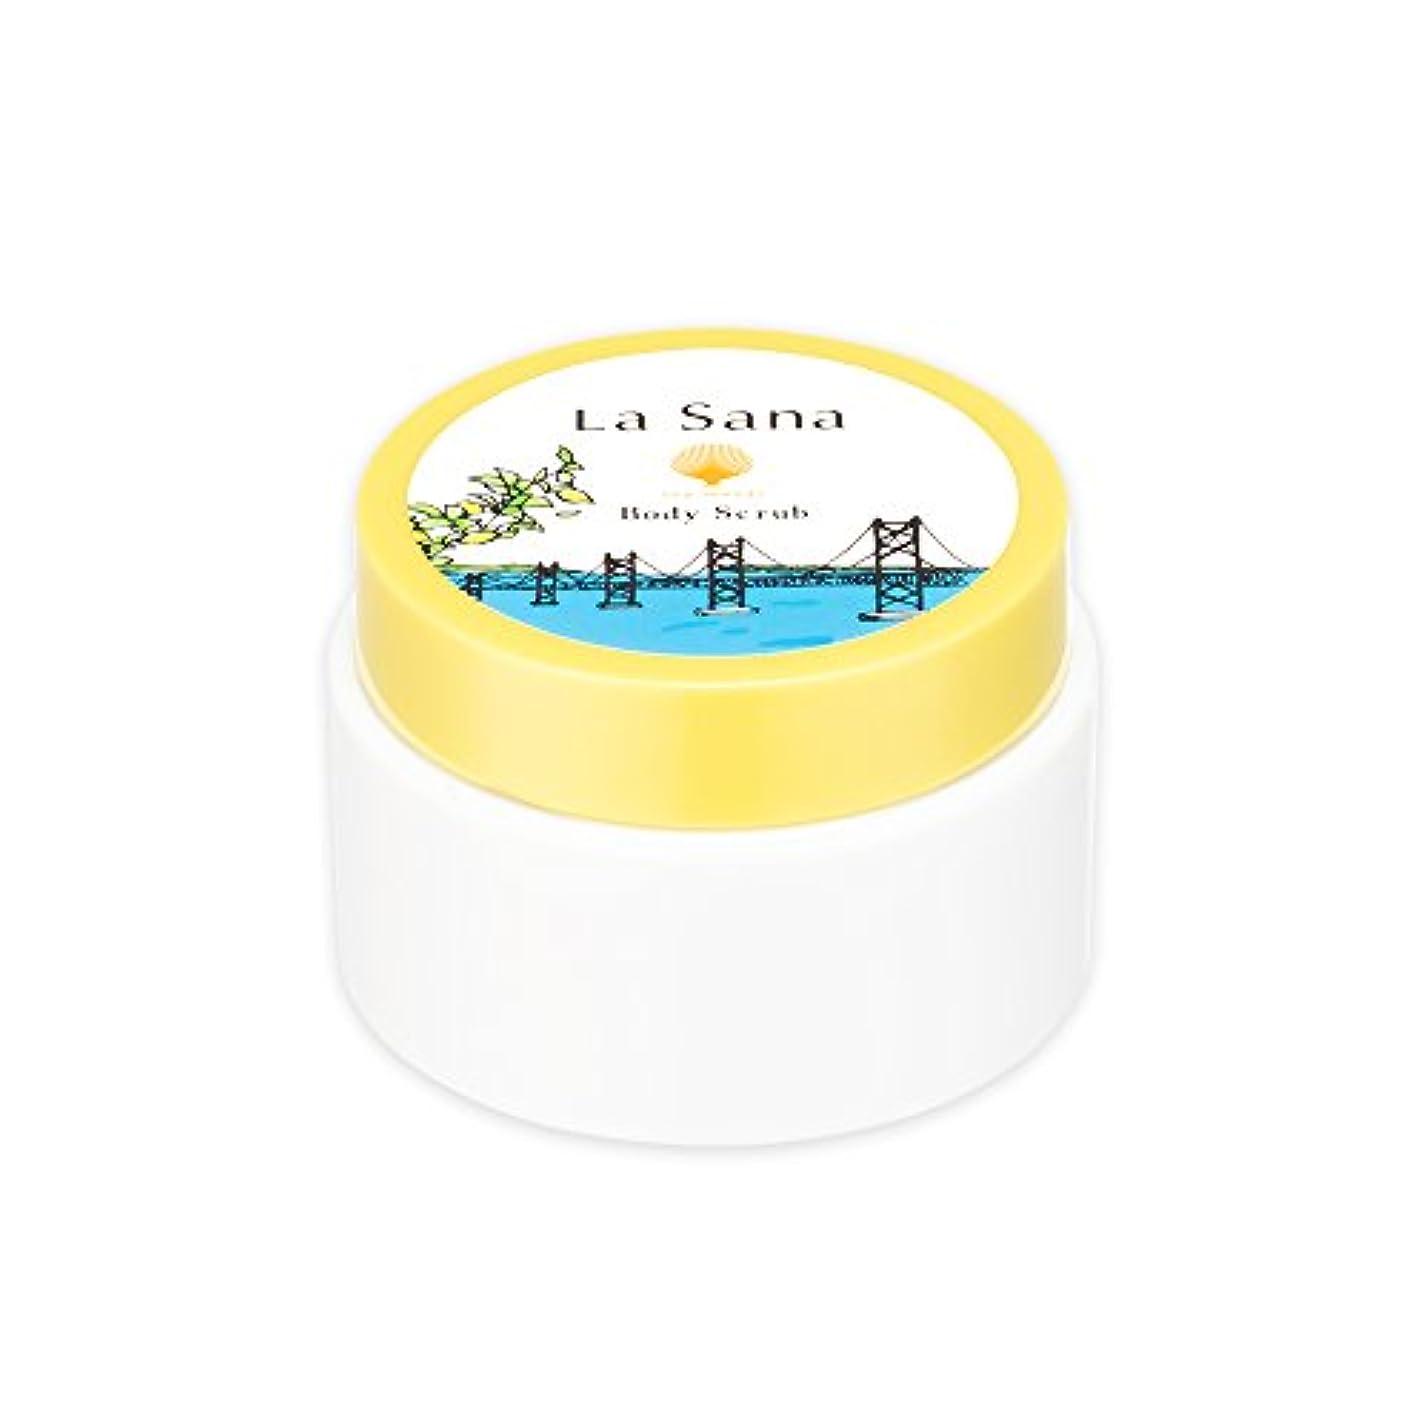 論理的に以内に余裕があるラサーナ La sana 海藻 ボディ スクラブ 100g 限定 瀬戸内レモンの香り ボディケア 日本製 (約1ヵ月分)